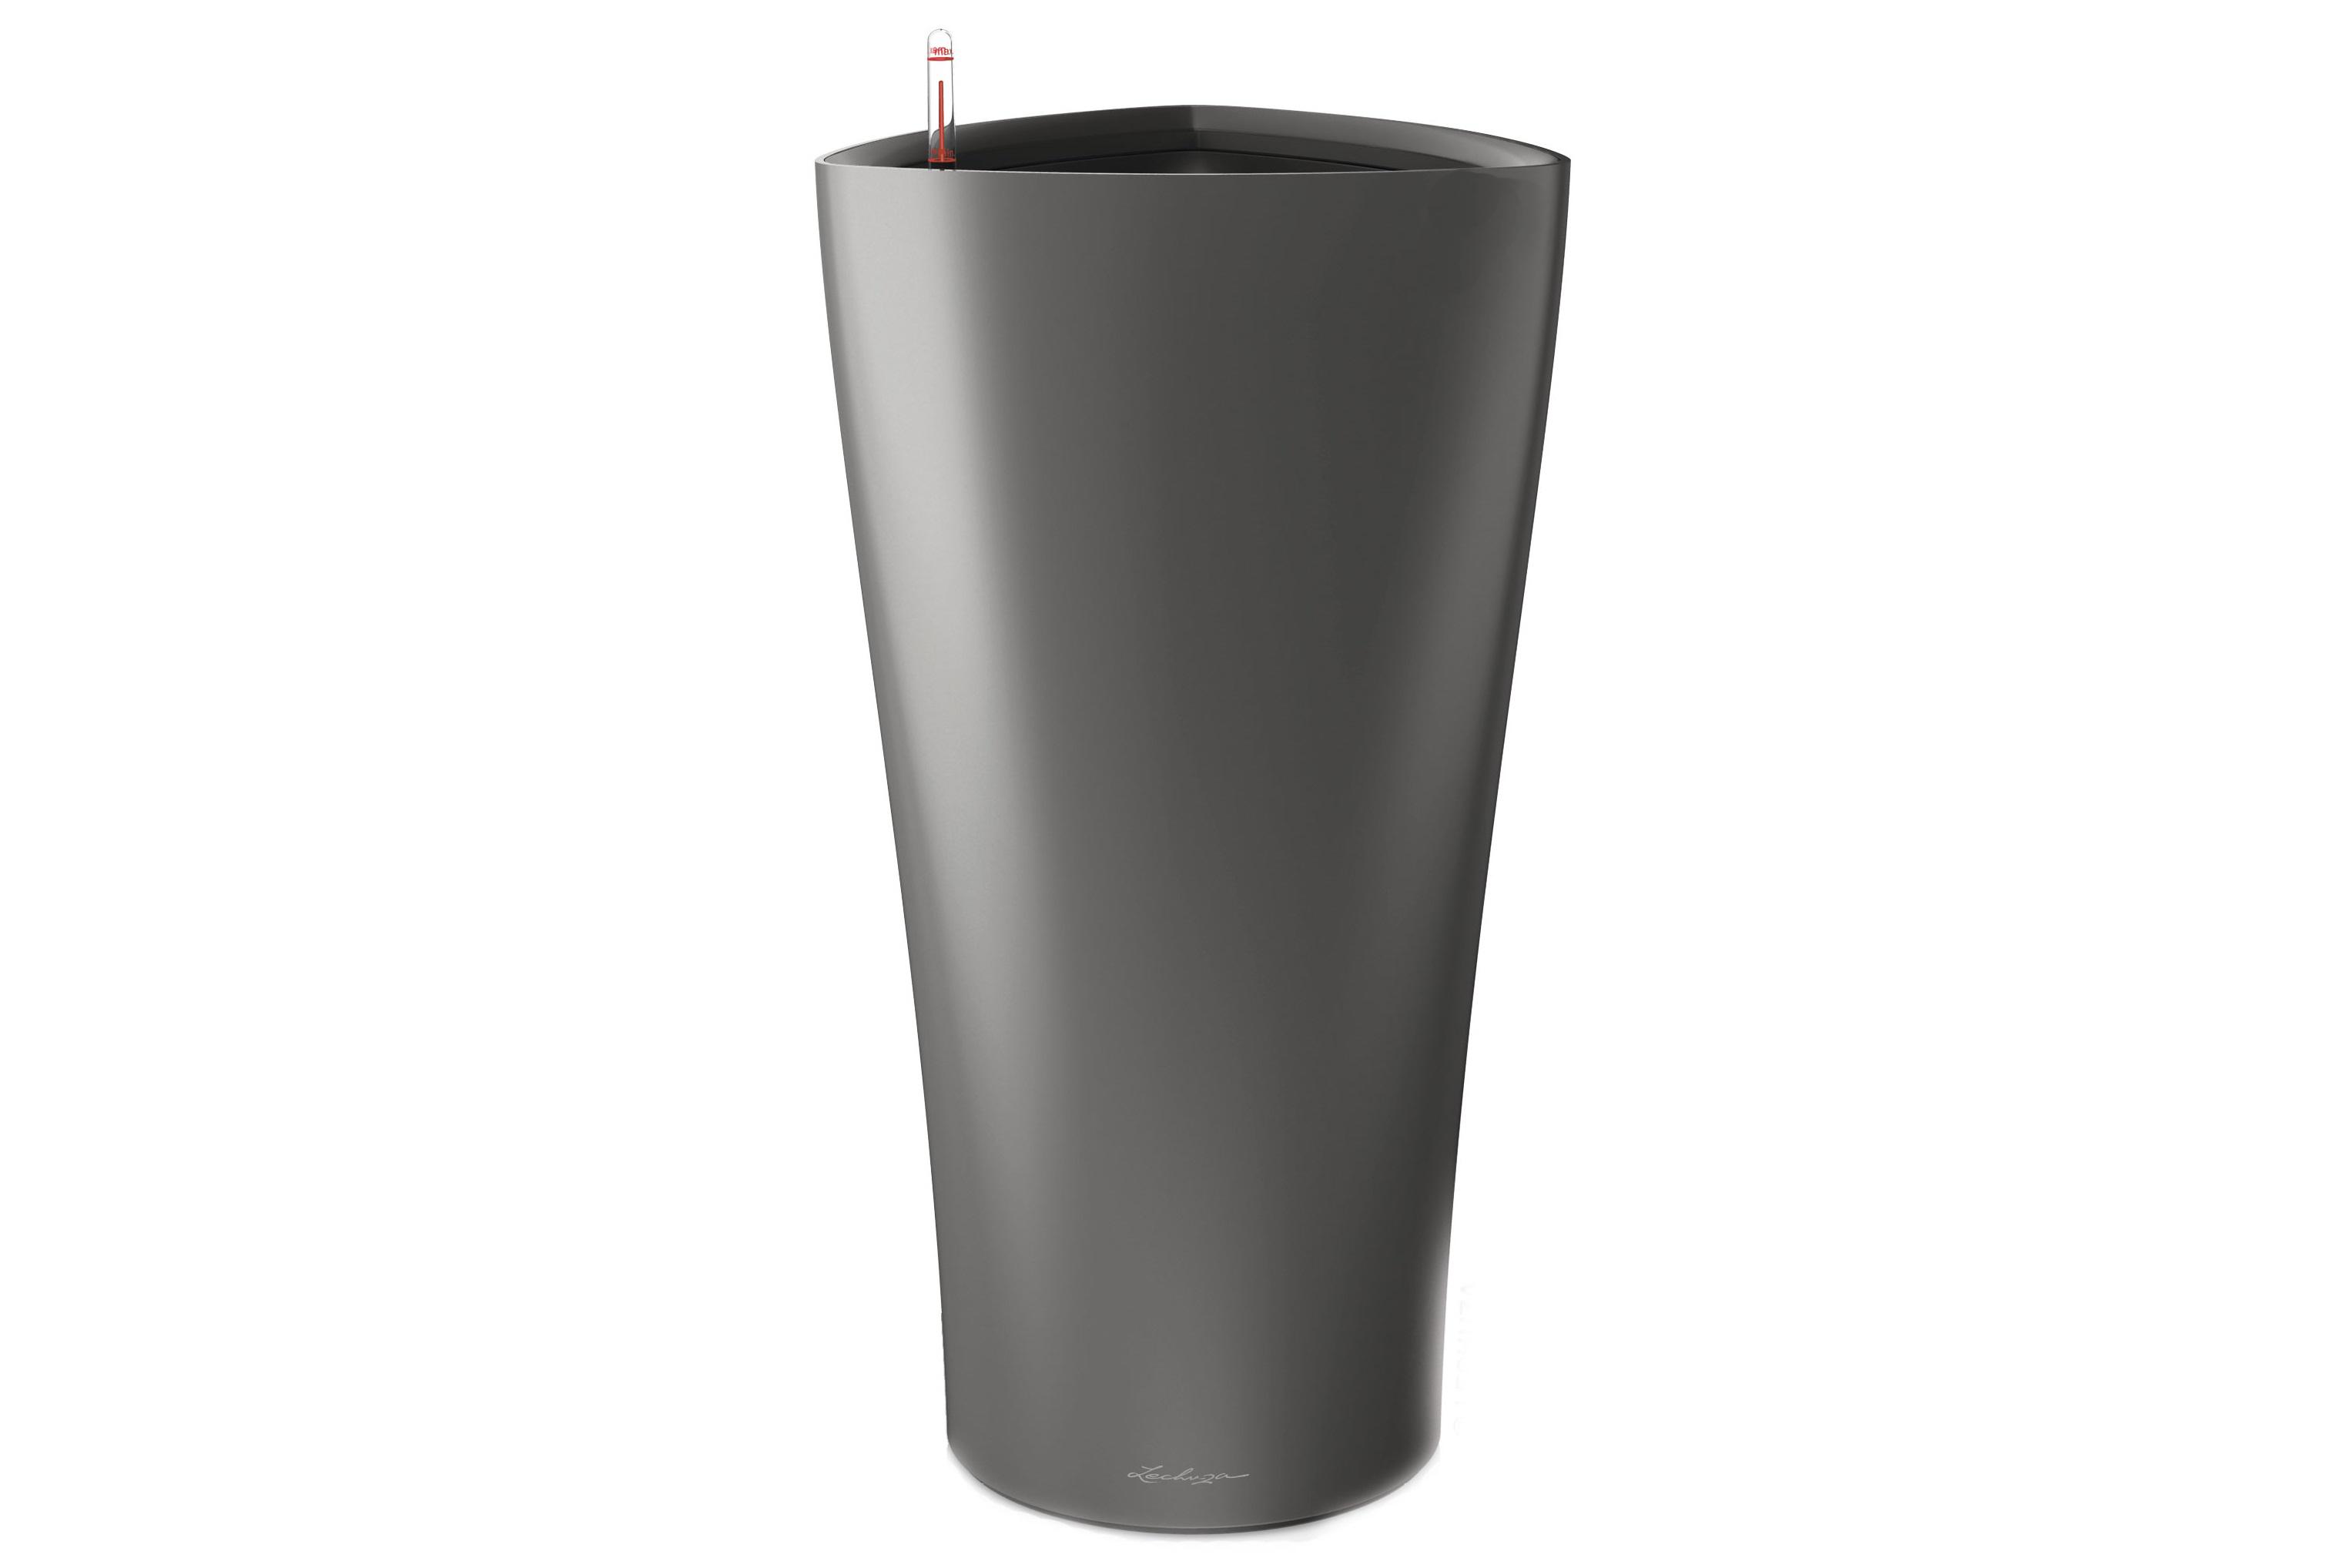 Кашпо с системой полива ДельтаКашпо и аксессуары для цветов<br><br><br>Material: Пластик<br>Width см: 30<br>Depth см: 30<br>Height см: 56